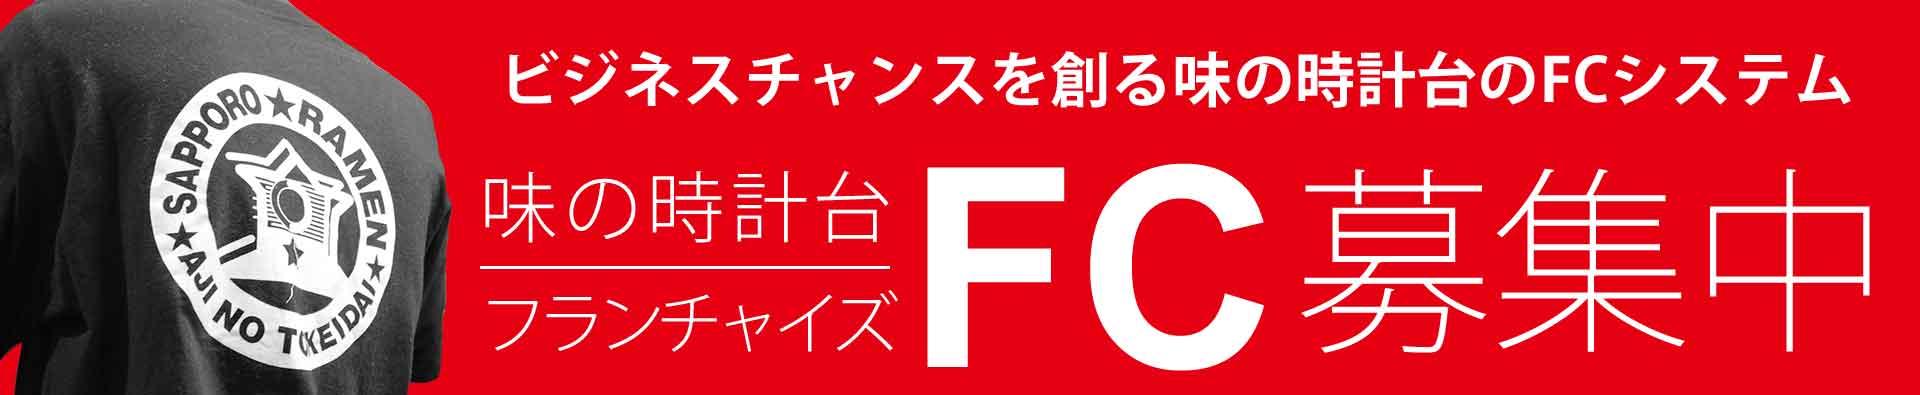 FC募集中